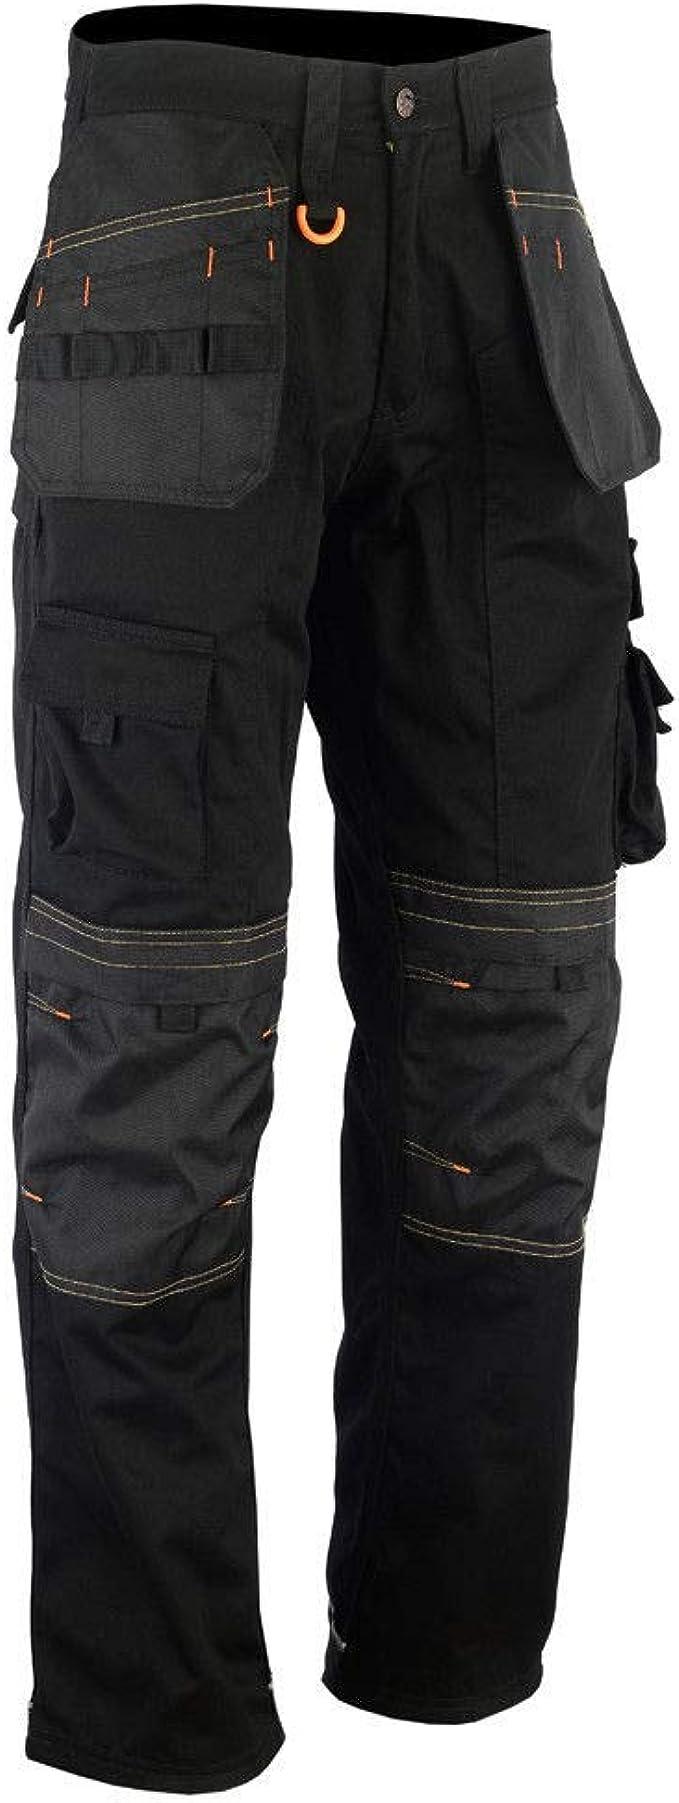 Herren Arbeitshose Schwarz Schwerlast-Multi-Taschen /& Kniepolstertaschen Wie Dewalt